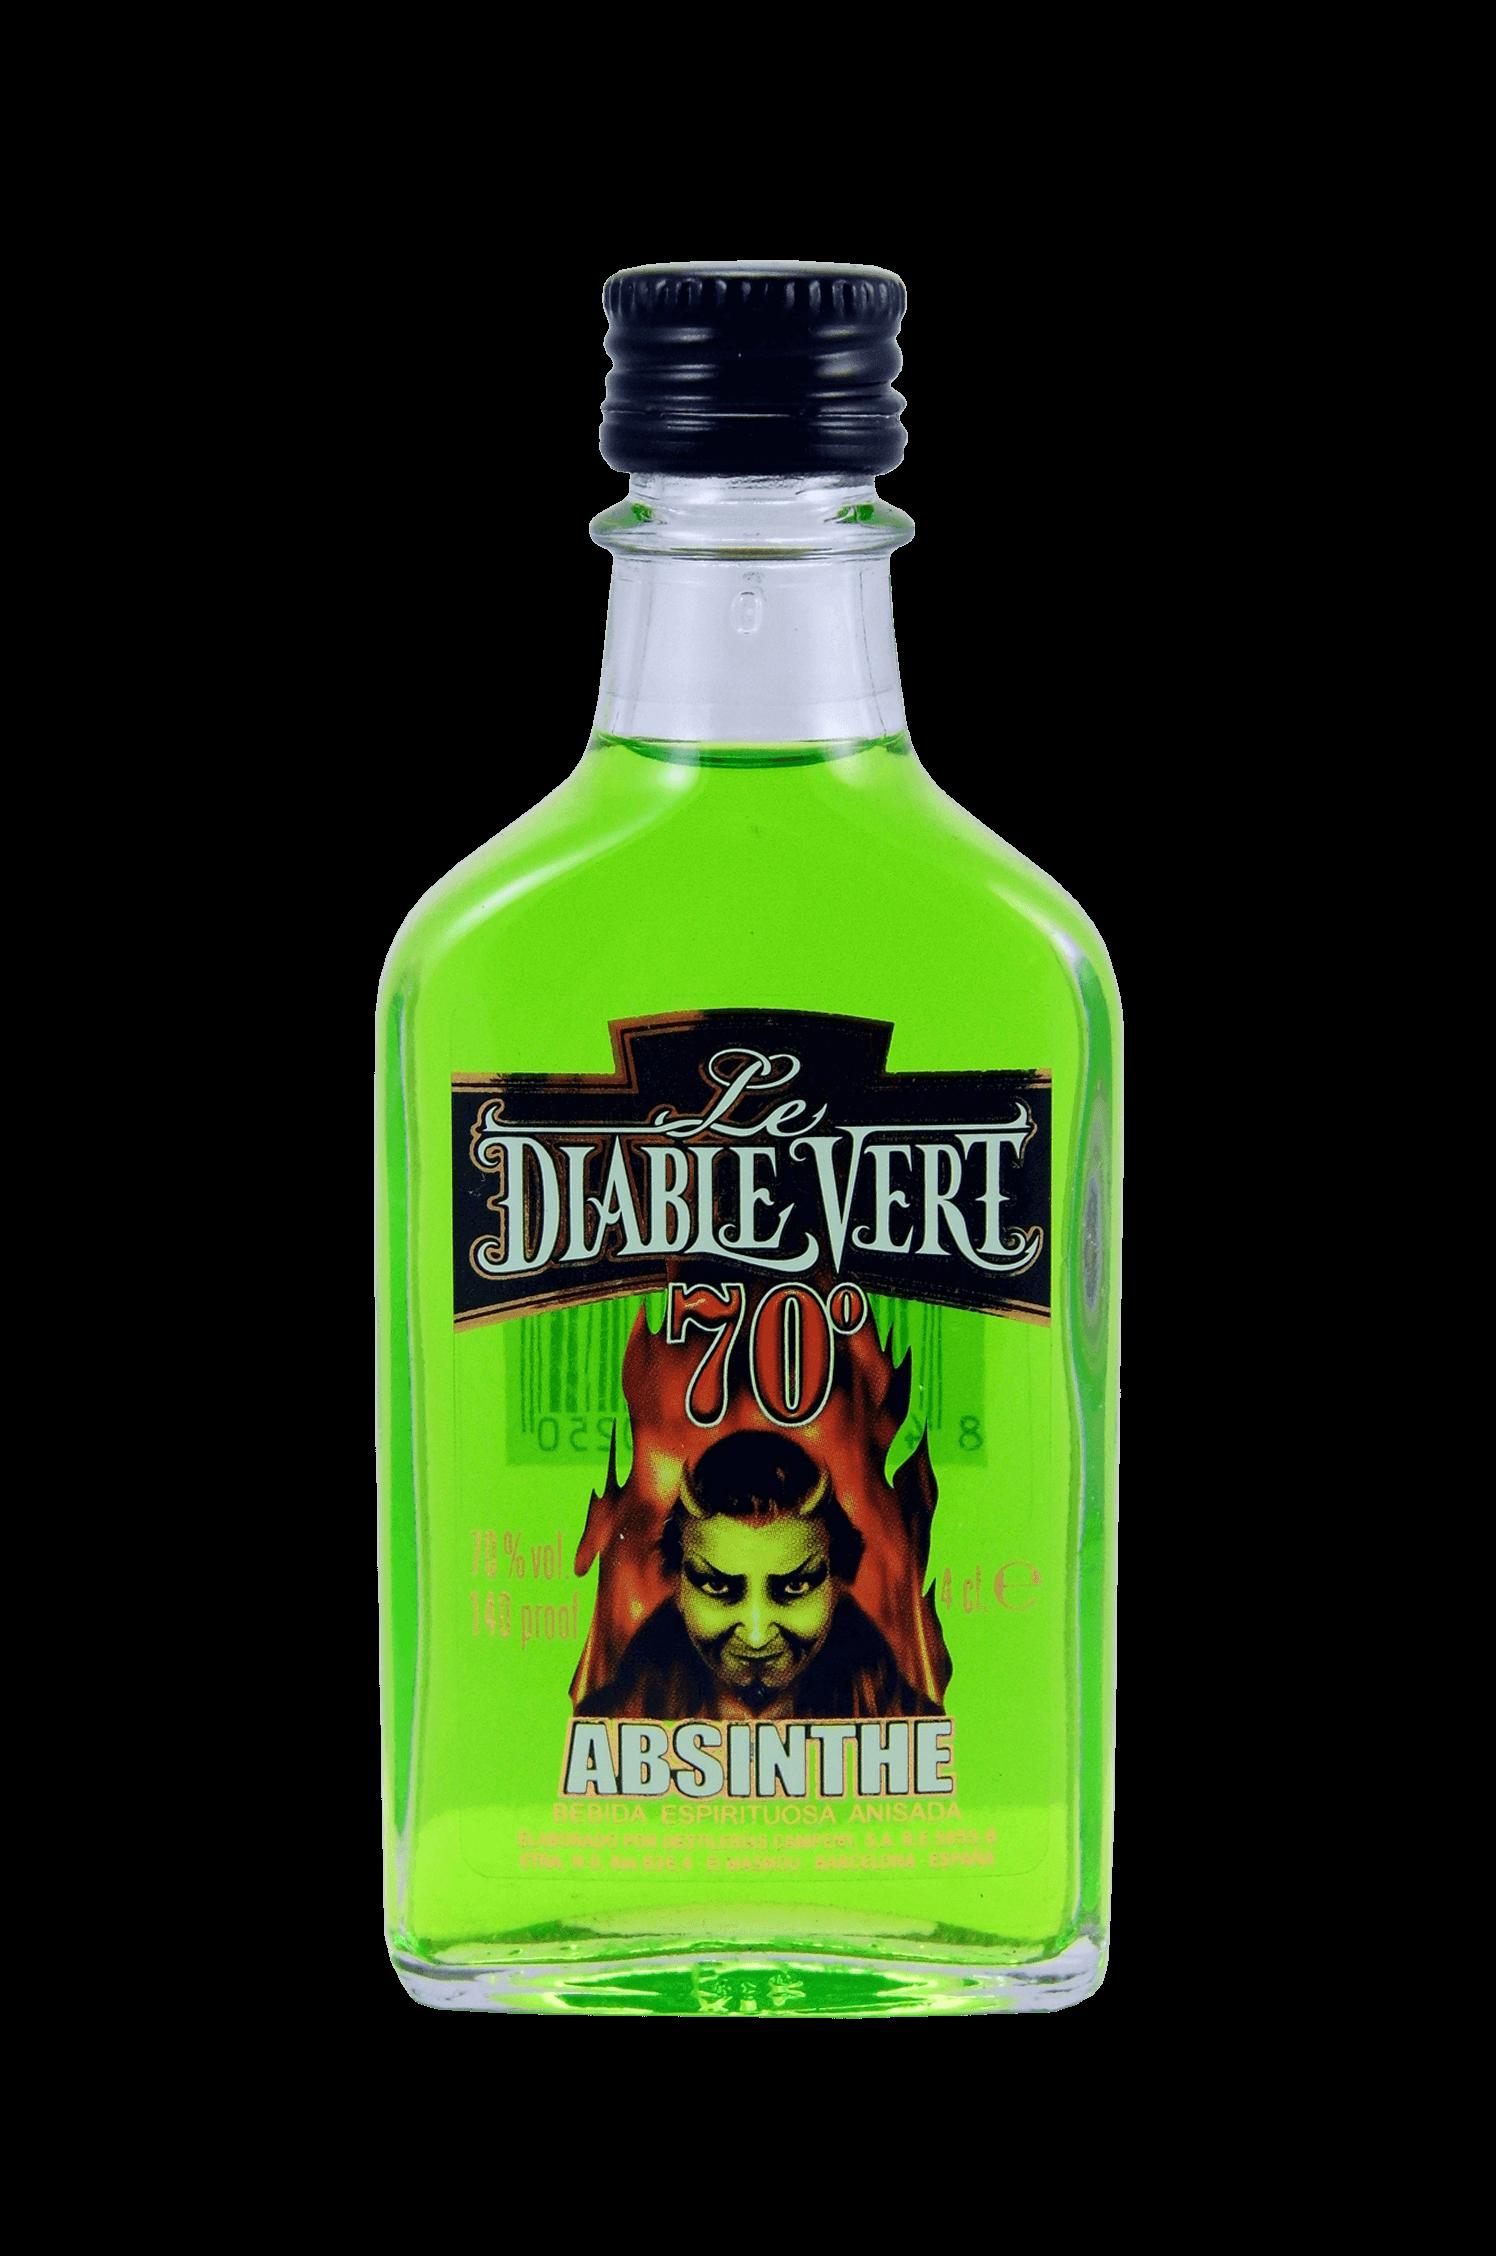 Diable Vert Absinthe